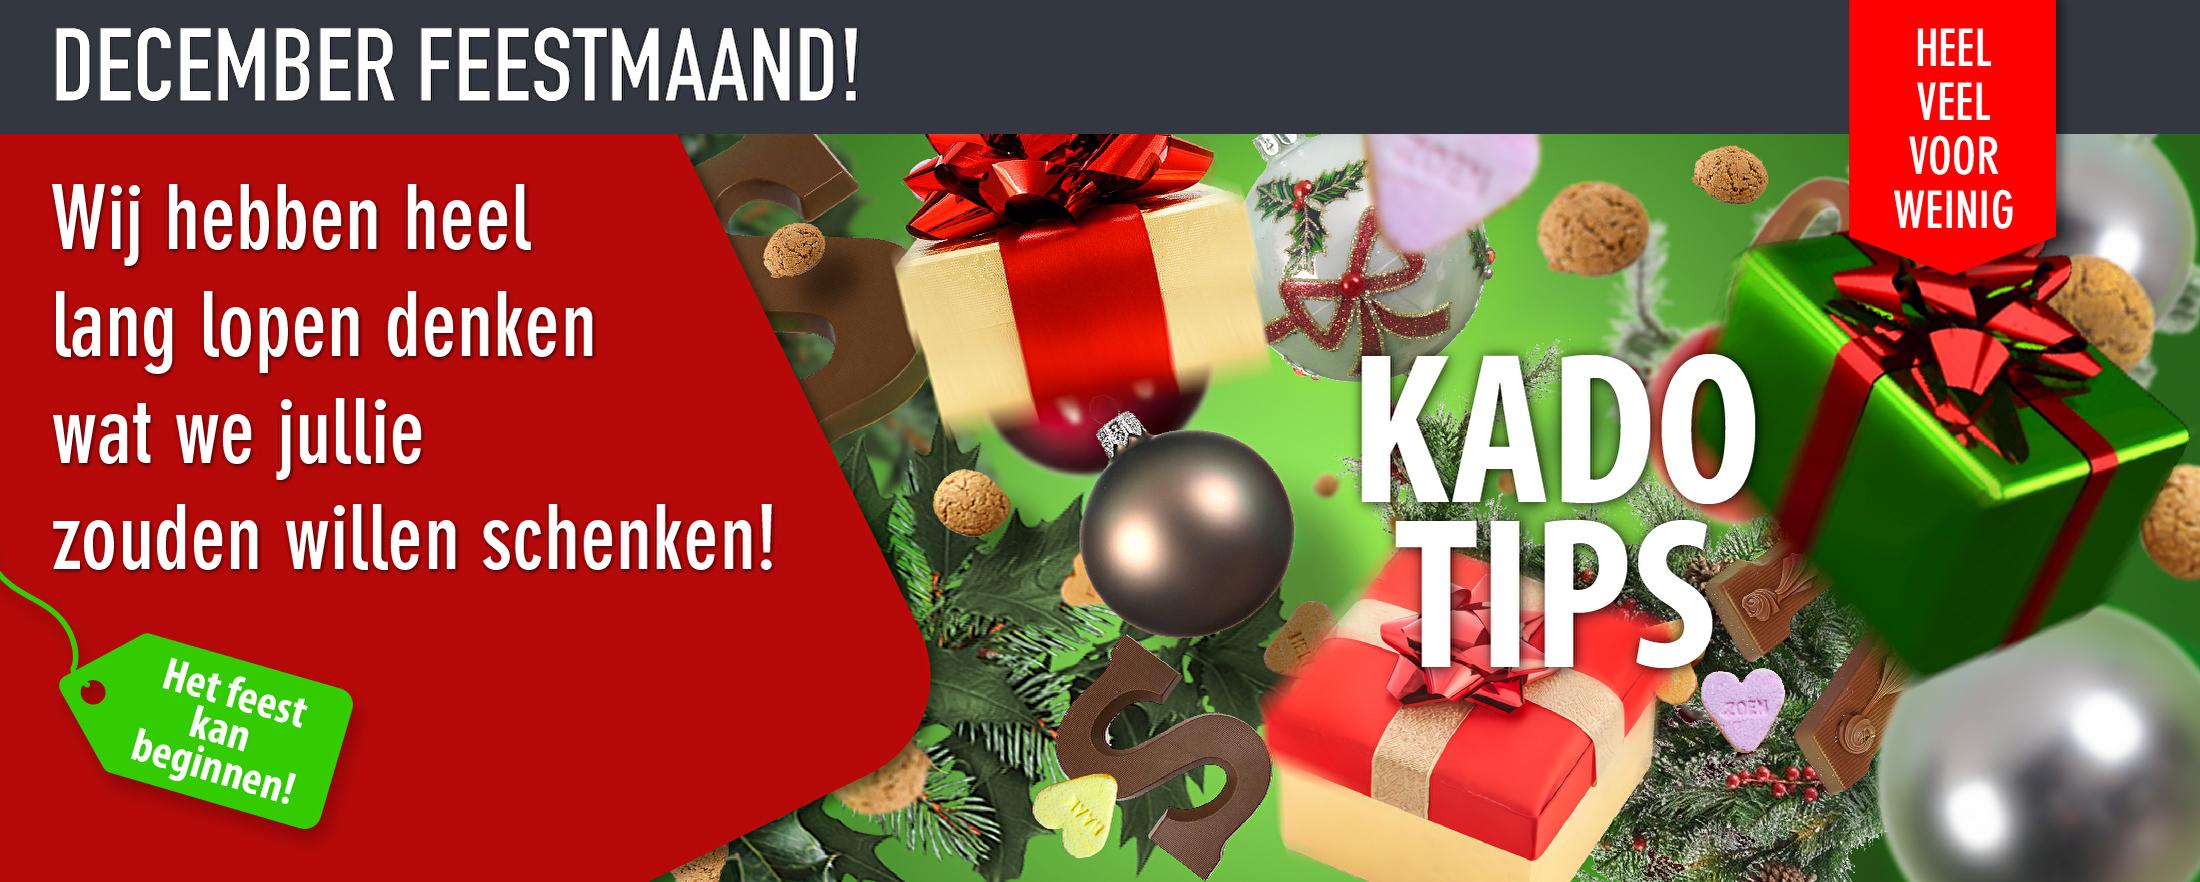 December kado tips